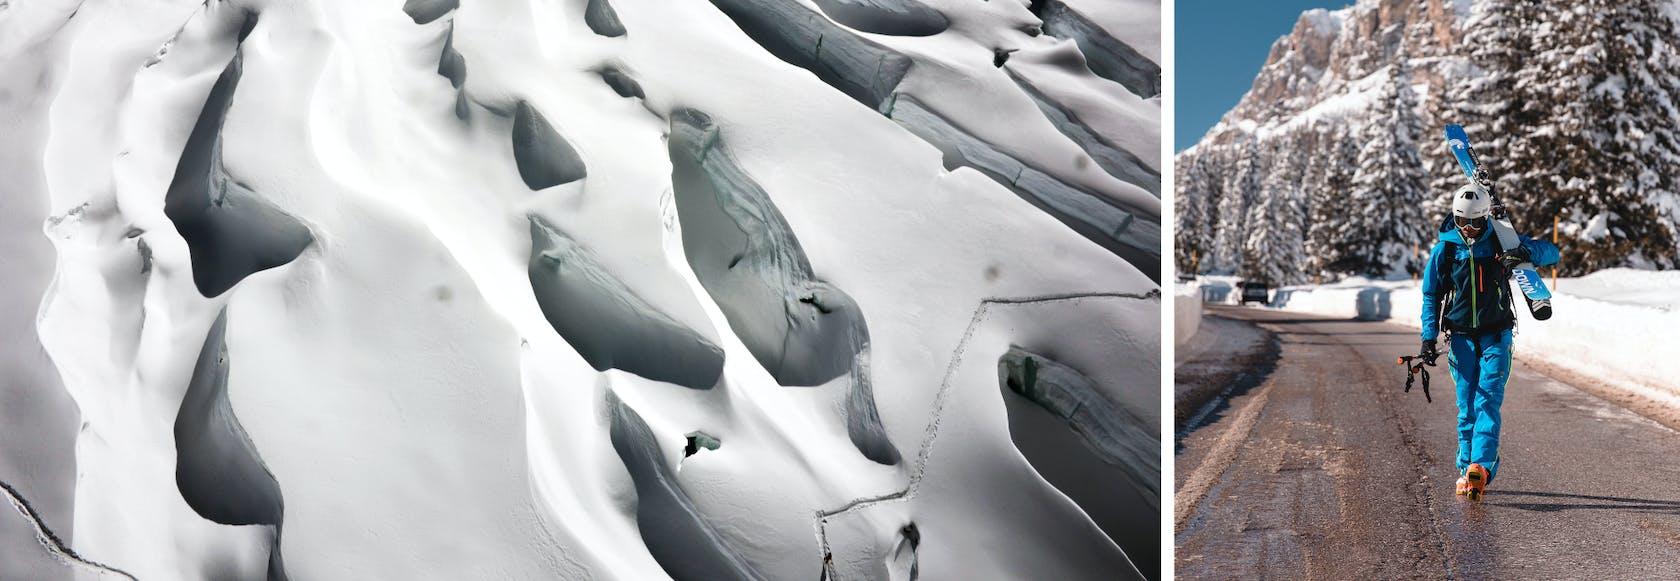 Collezione scialpinismo Karpos donna uomo